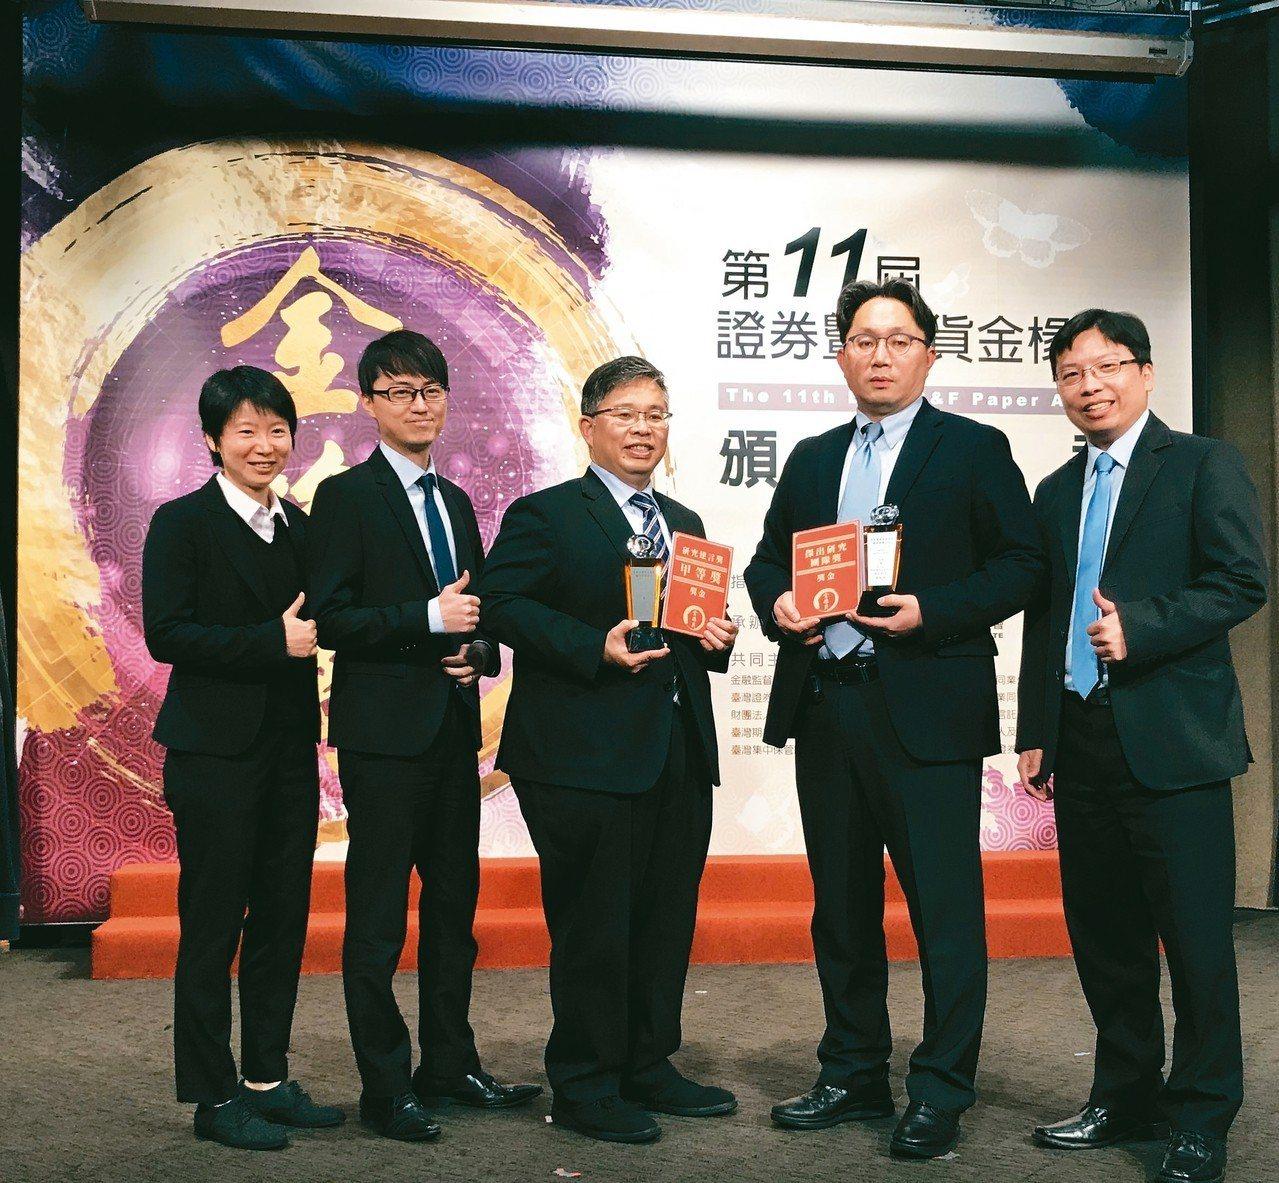 元大投信總經理劉宗聖(右二)率領團隊領取金椽獎。 元大投信/提供